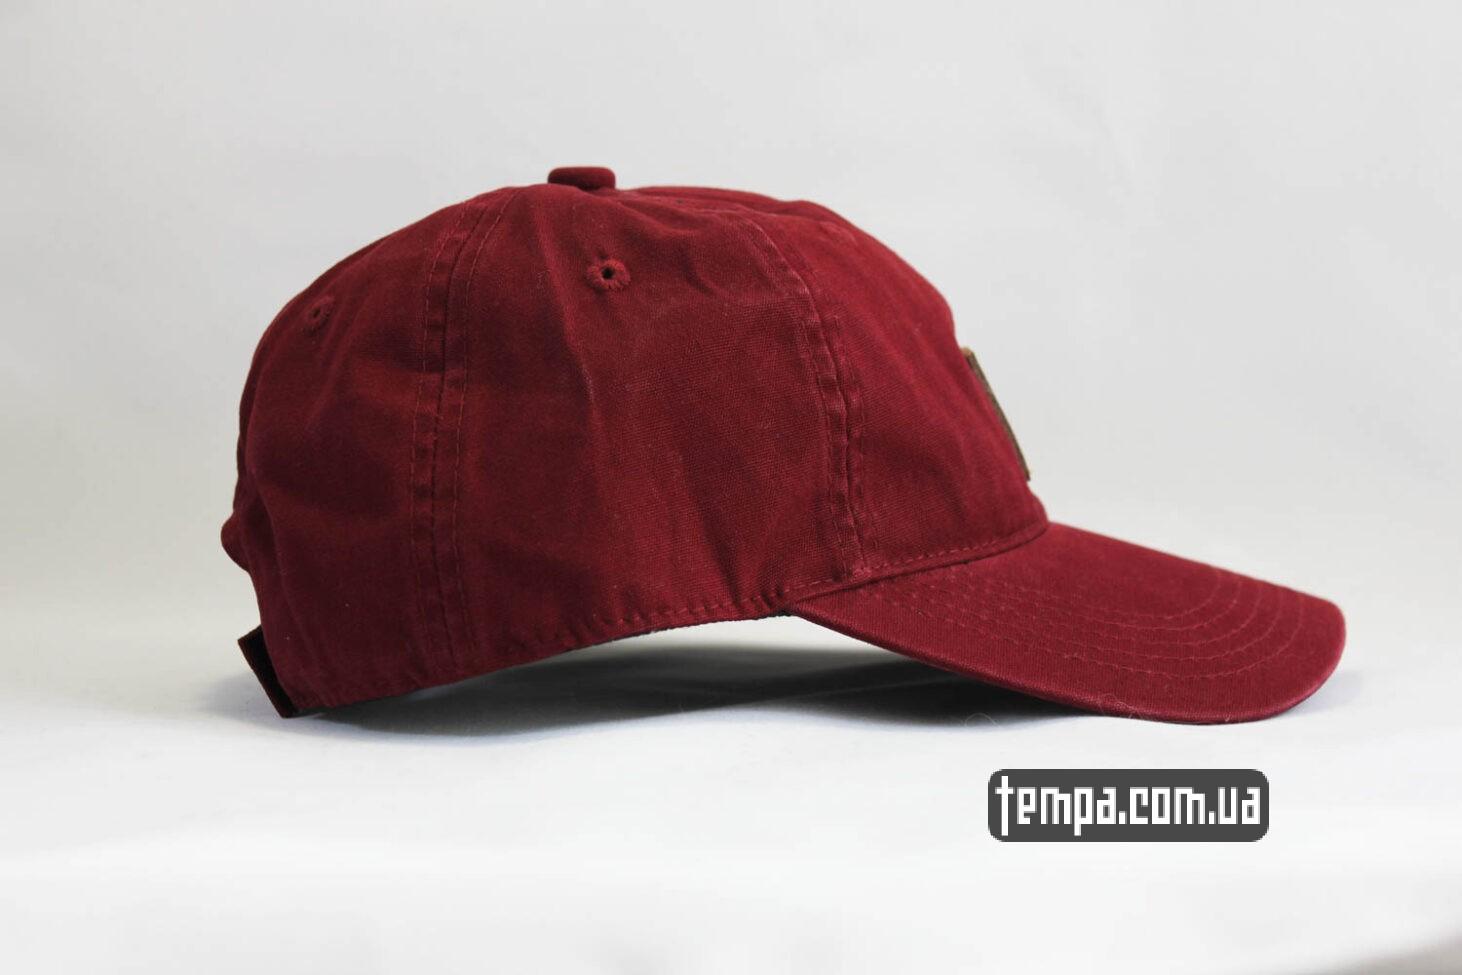 карахарт оригинал кепка бейсболка snapback Carhartt бордовая кожаный логотип